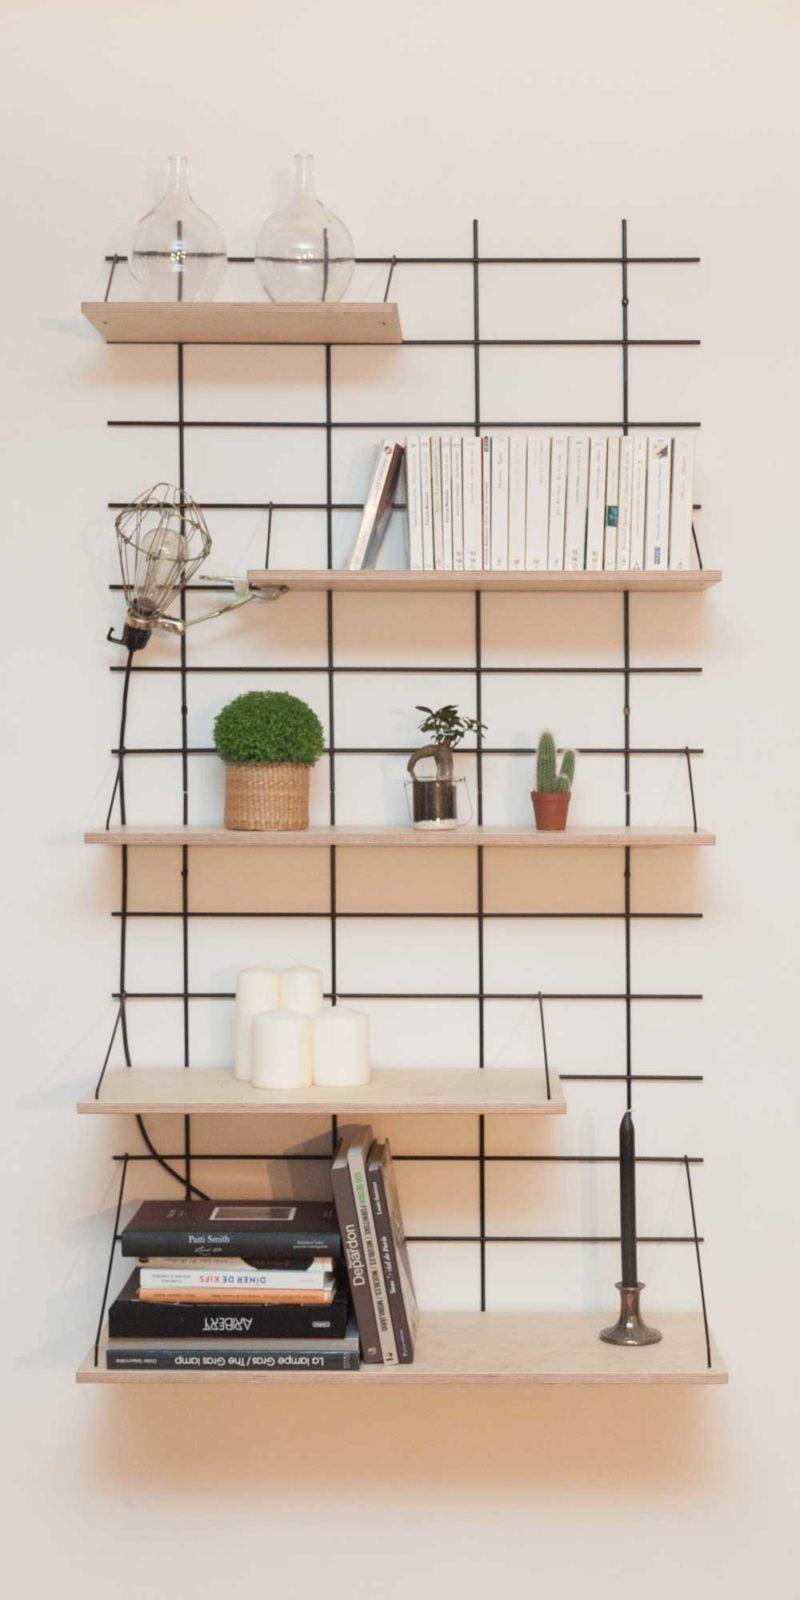 Étagère modulable en bois et métal